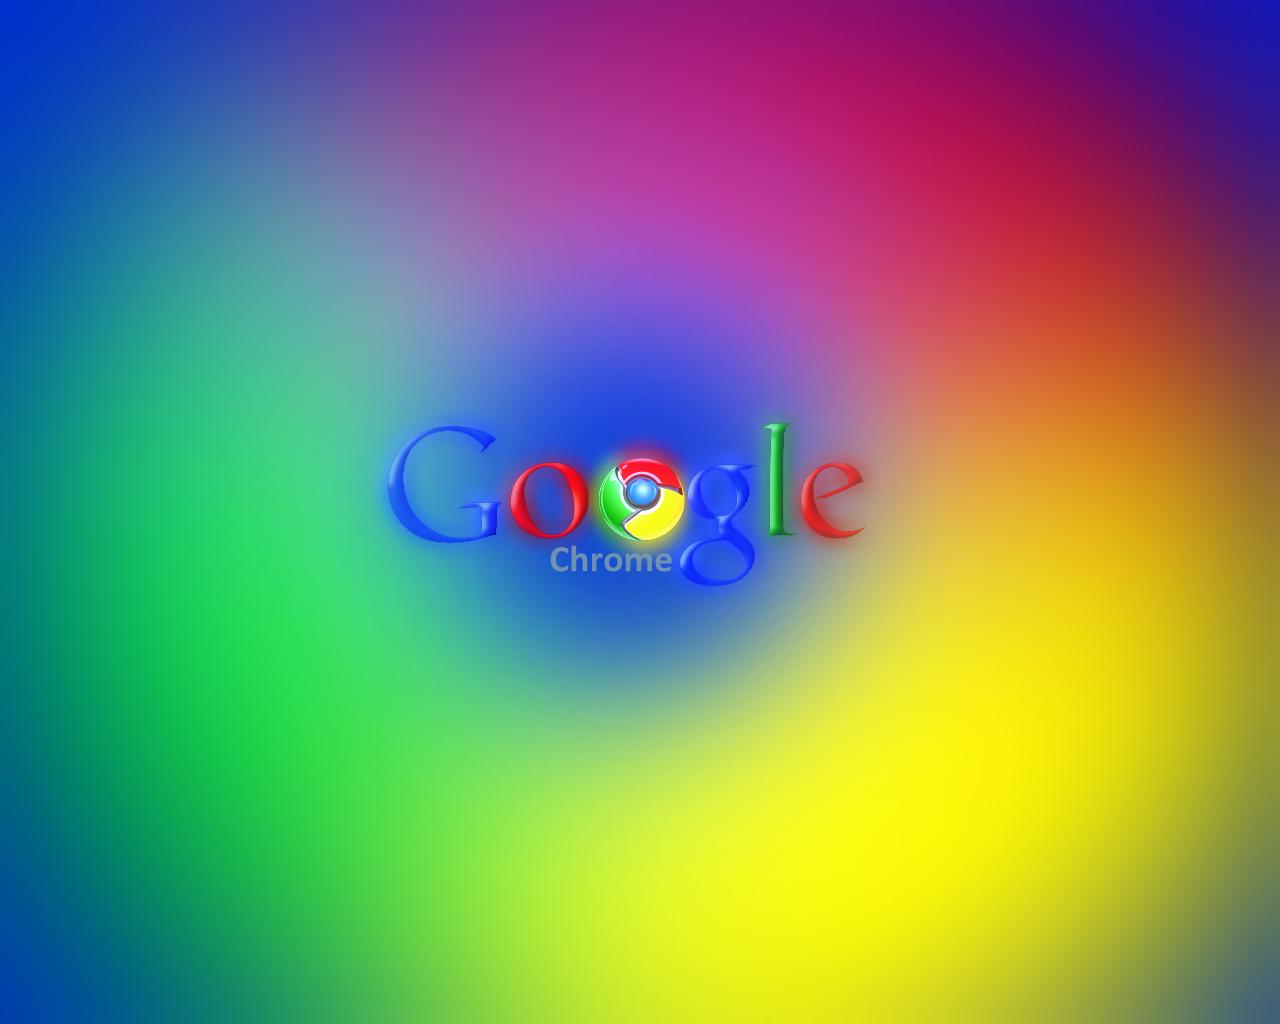 Google Free Desktop Backgrounds